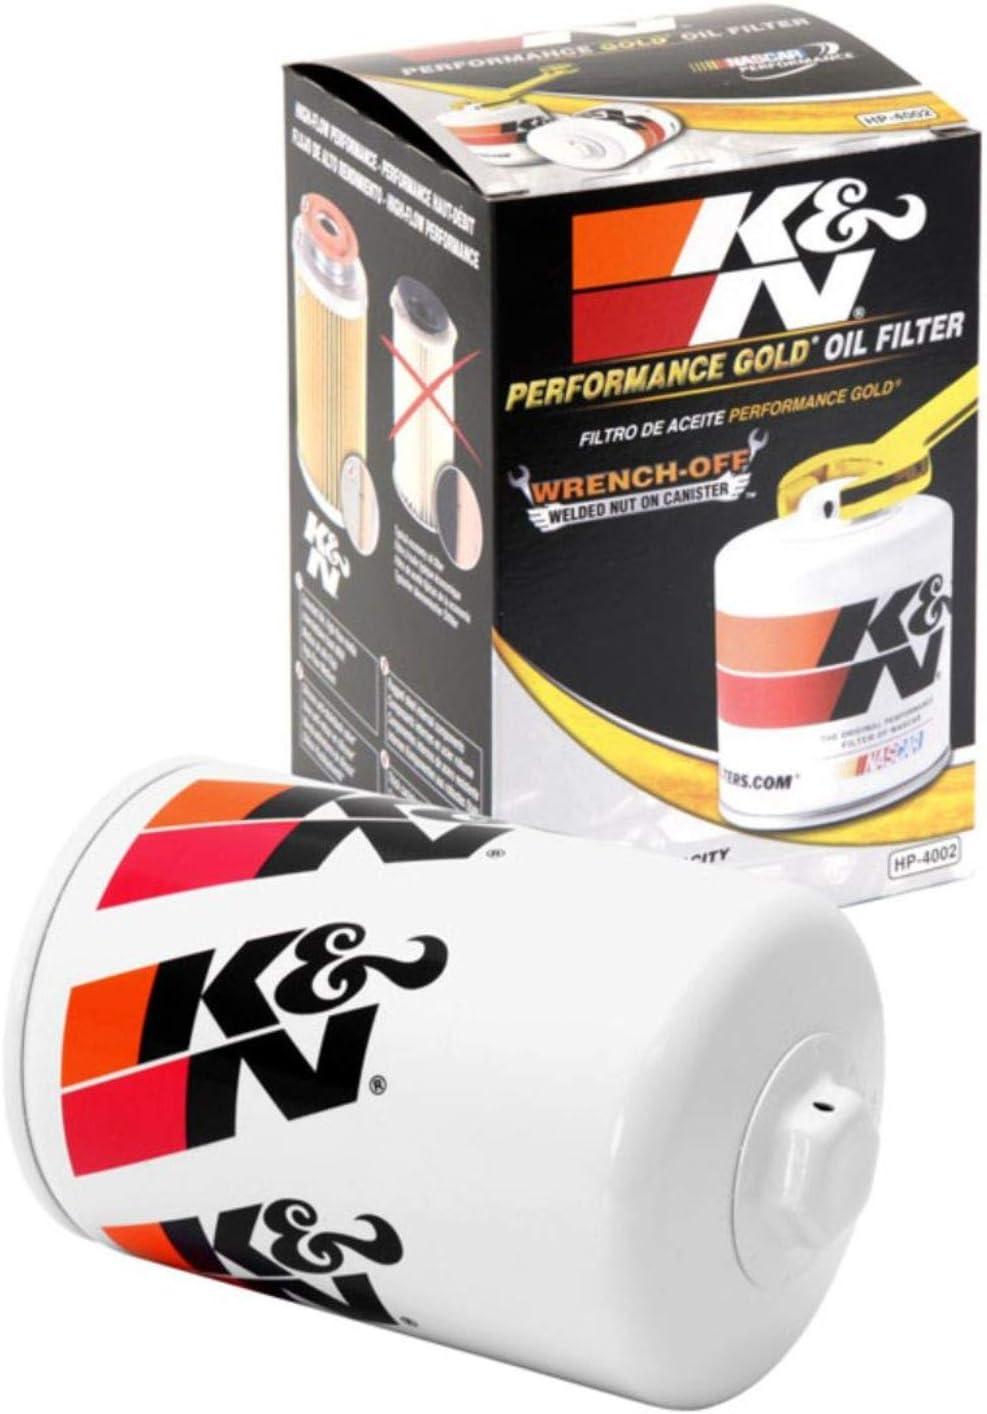 K&N Premium Oil Filter: Designed to Protect your Engine: Fits Select 1983-1994 FORD (E350 Econoline, Club Wagon, F59, F150, F250, F350, F450, E150, E250, Super Duty), HP-4002